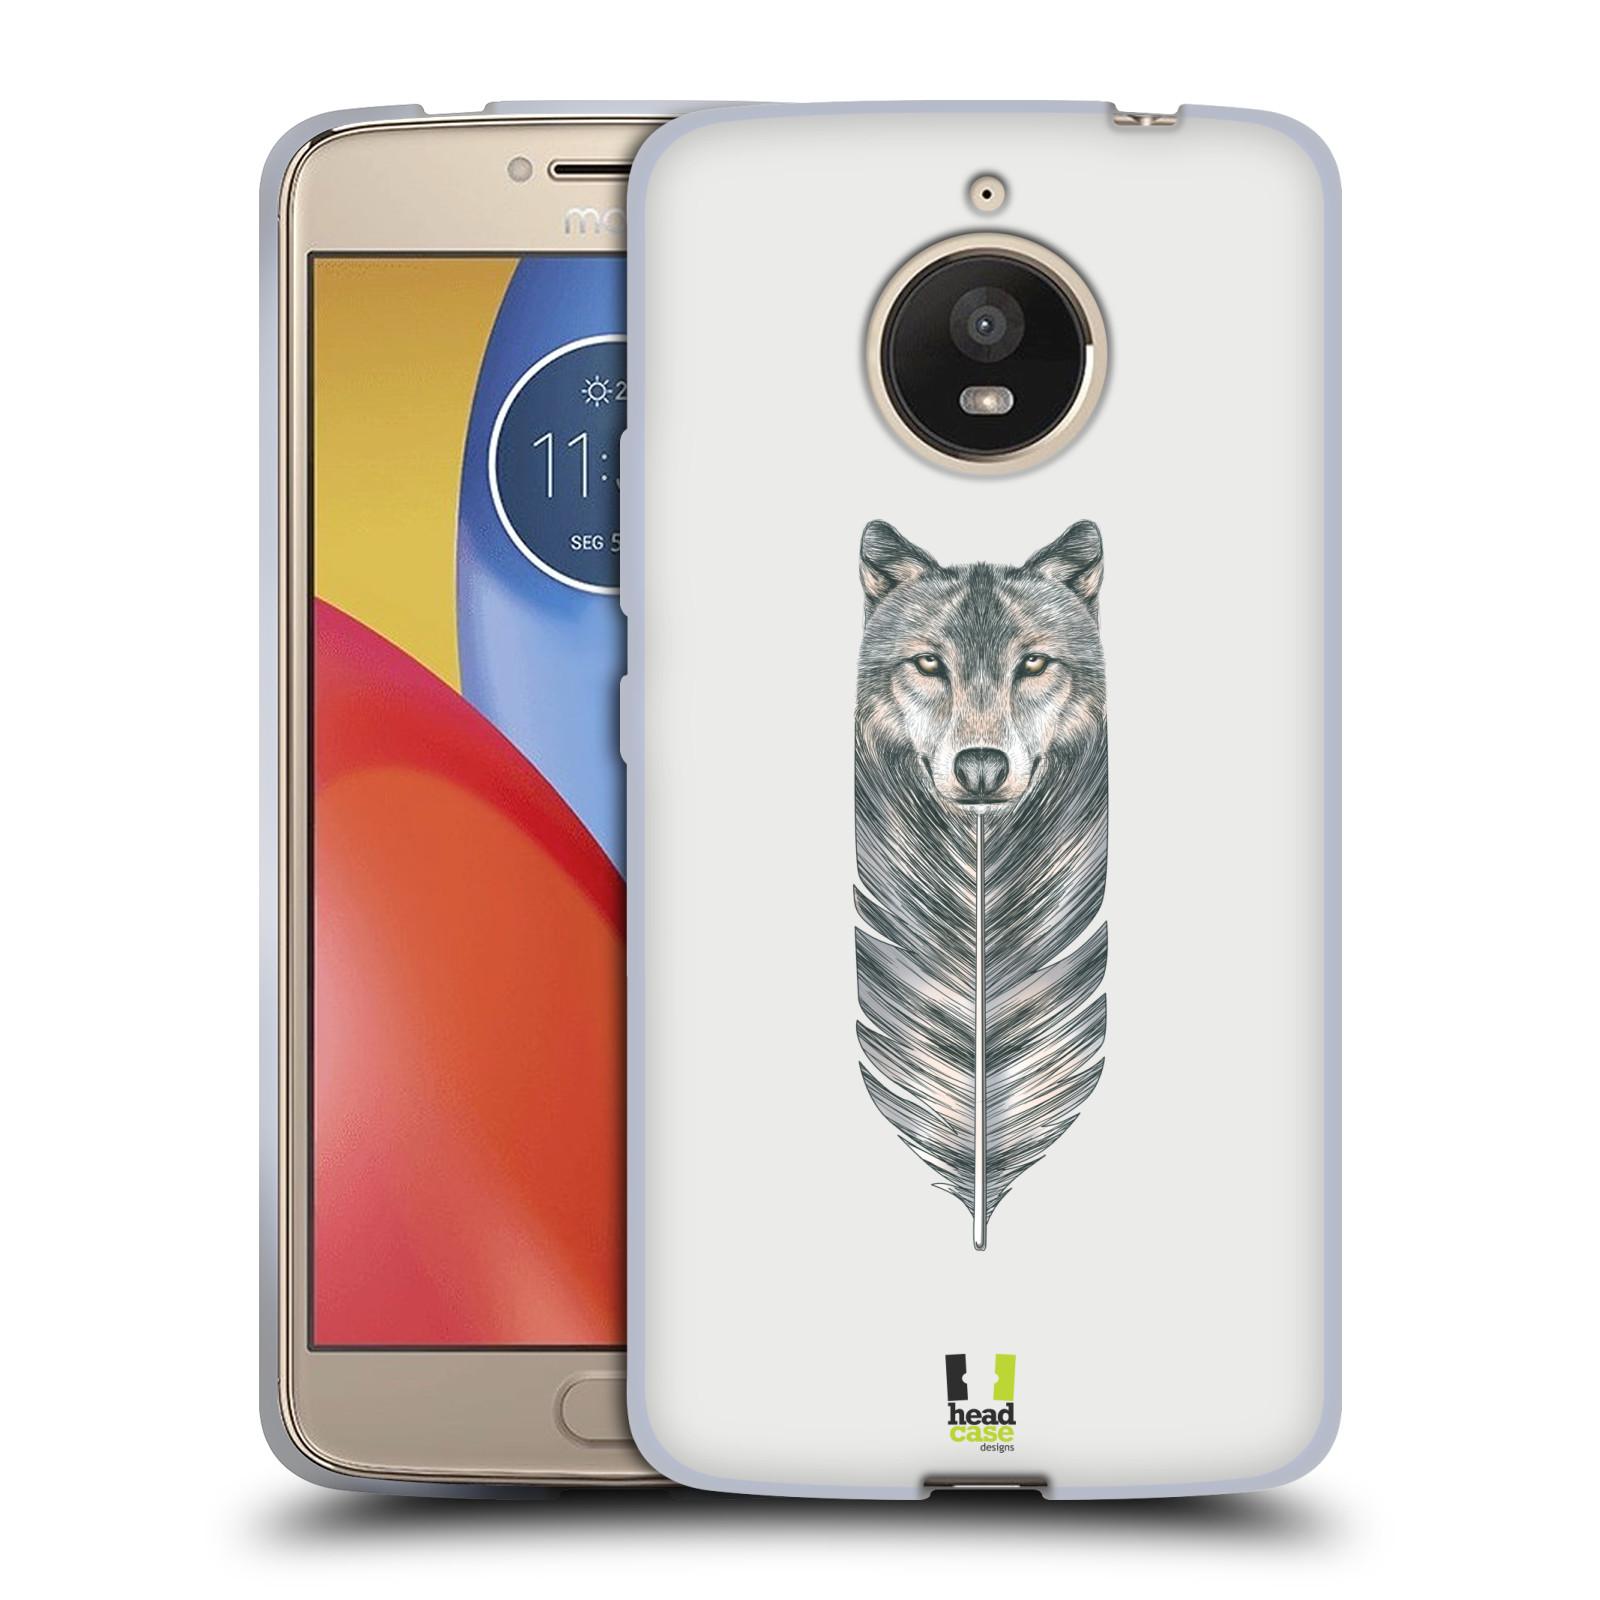 Silikonové pouzdro na mobil Lenovo Moto E4 Plus - Head Case - PÍRKO VLK (Silikonový kryt či obal na mobilní telefon Lenovo Moto E4 Plus s motivem PÍRKO VLK)